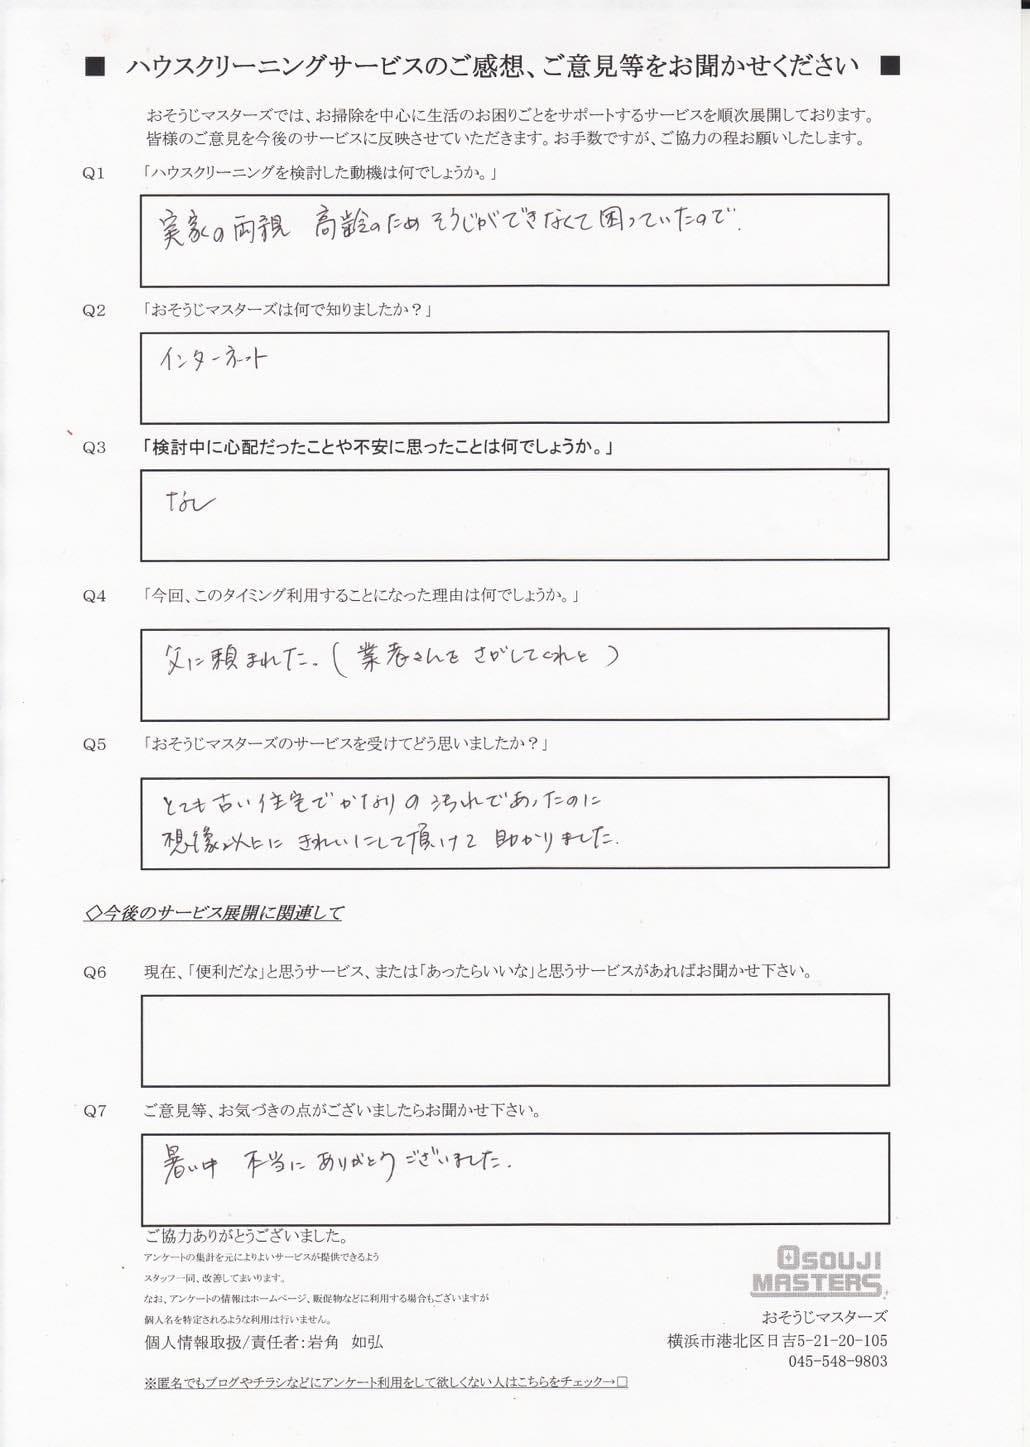 2015/08/03 浴室クリーニング 鎌倉市